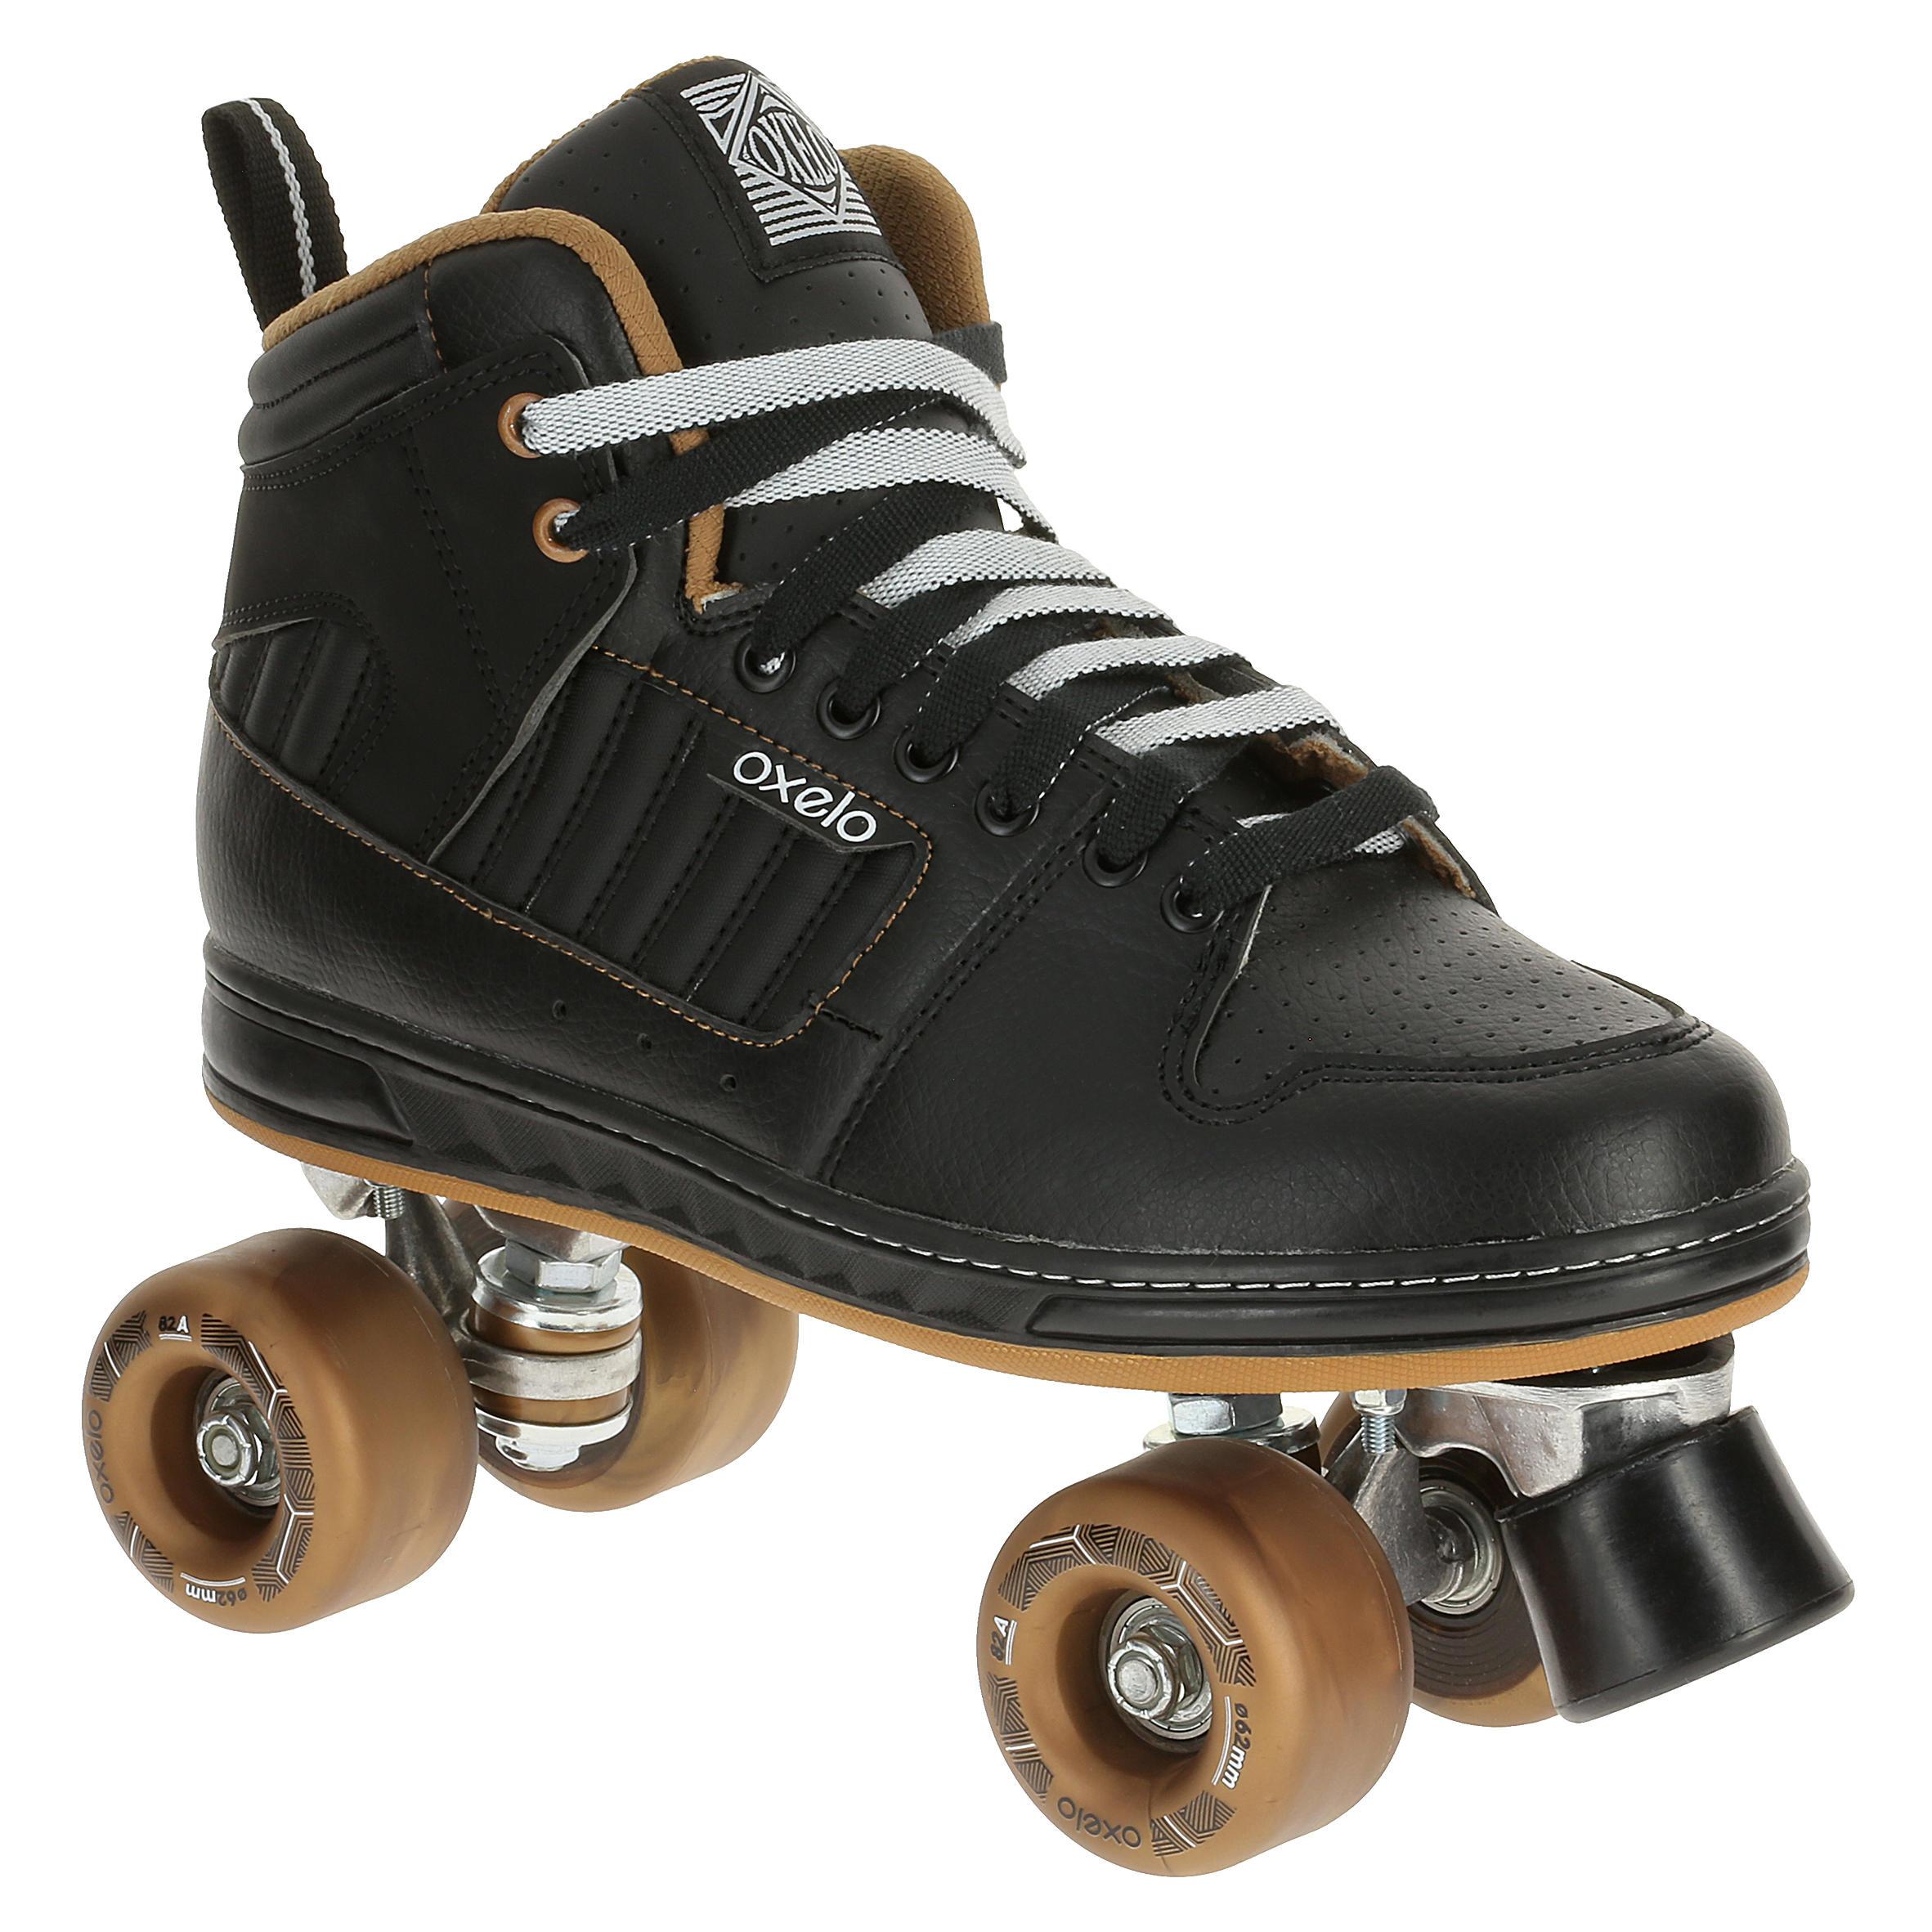 Oxelo Rolschaatsen voor volwassenen Quad 5 alu zwart/brons